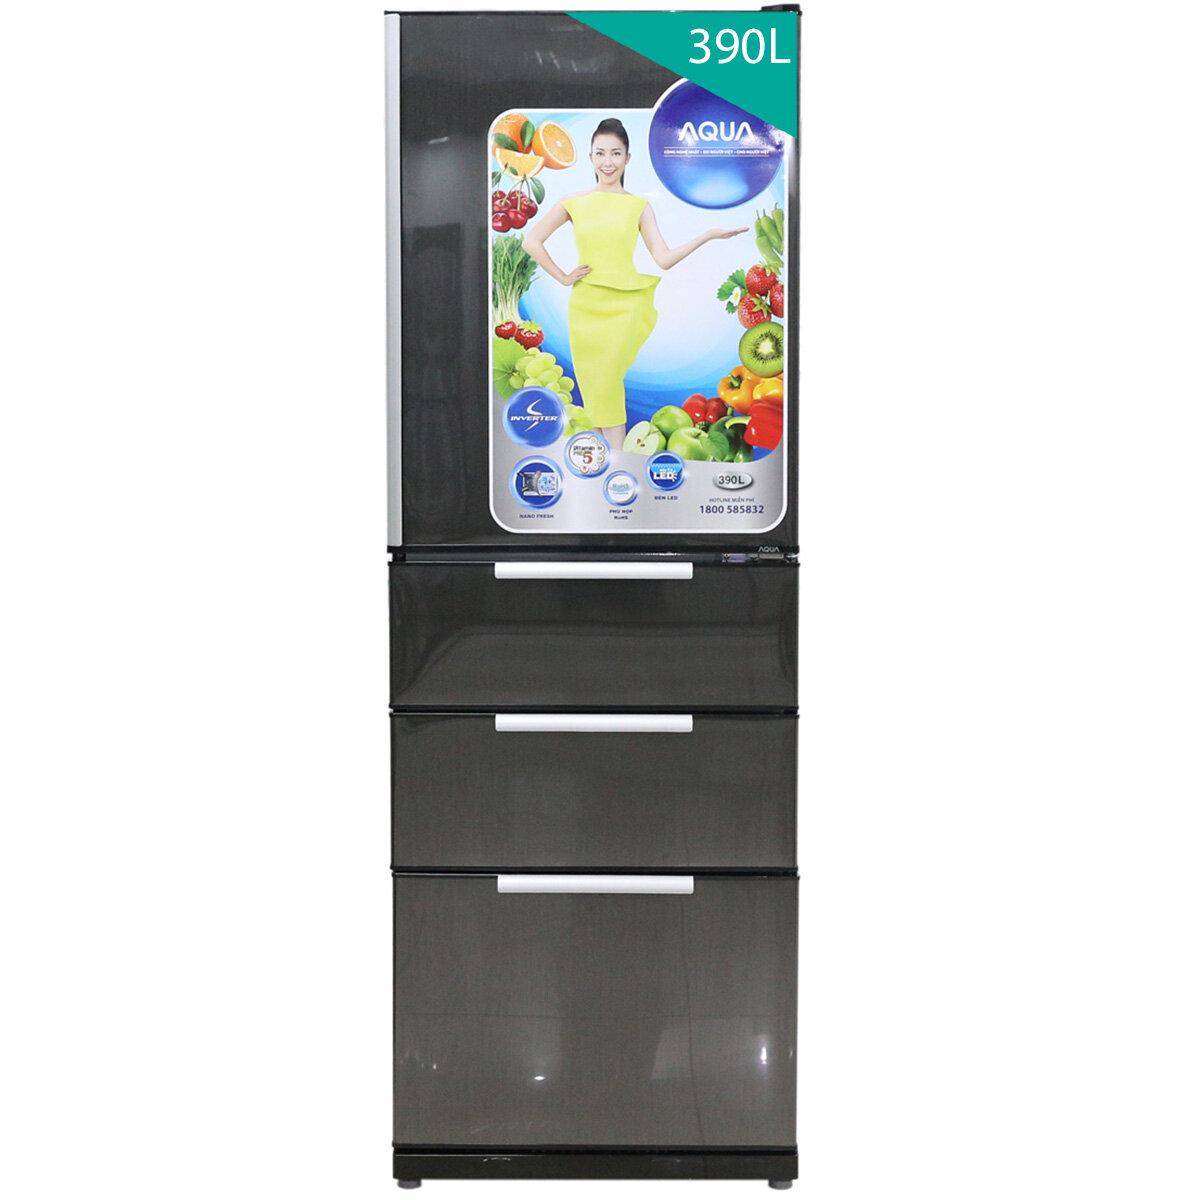 Tủ lạnh Aqua AQR-ID360 - 390 lít, 4 cánh, Inverter